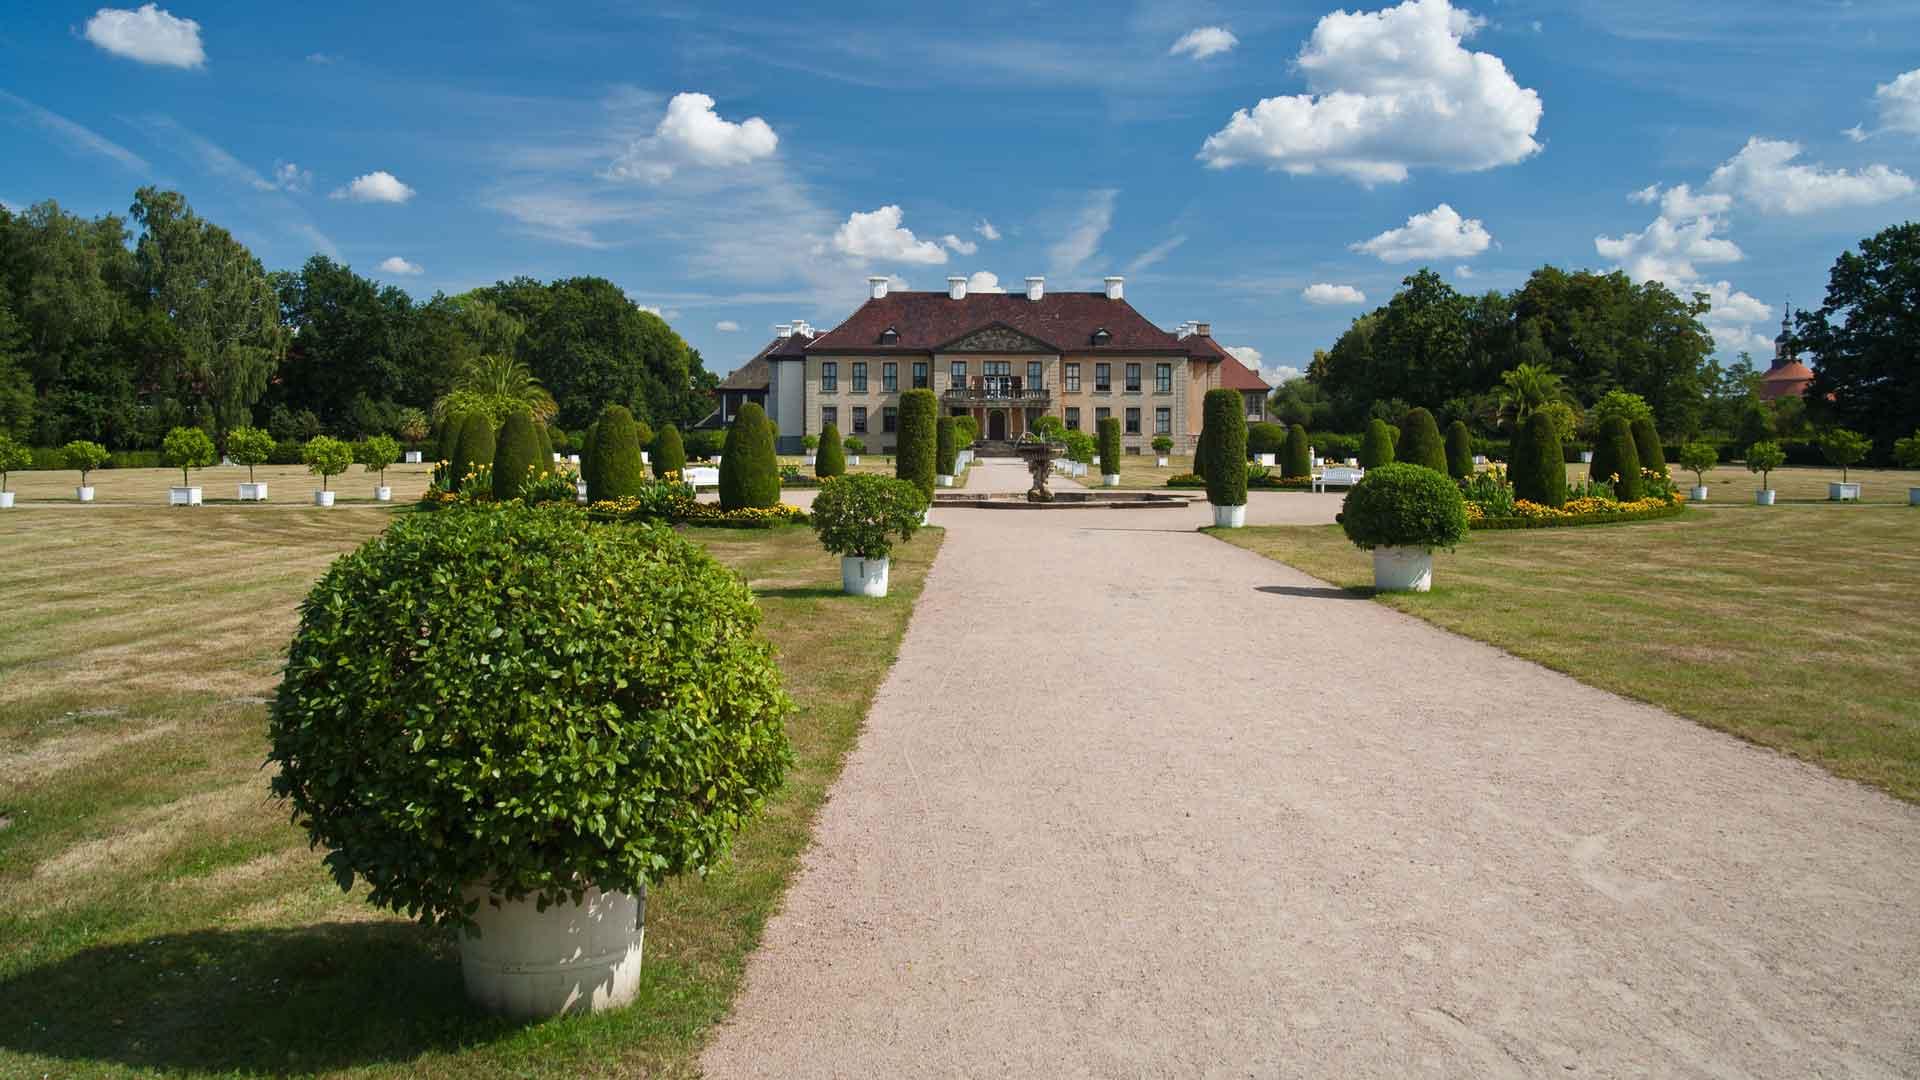 Schloss Oranienbaum bij Dessau.